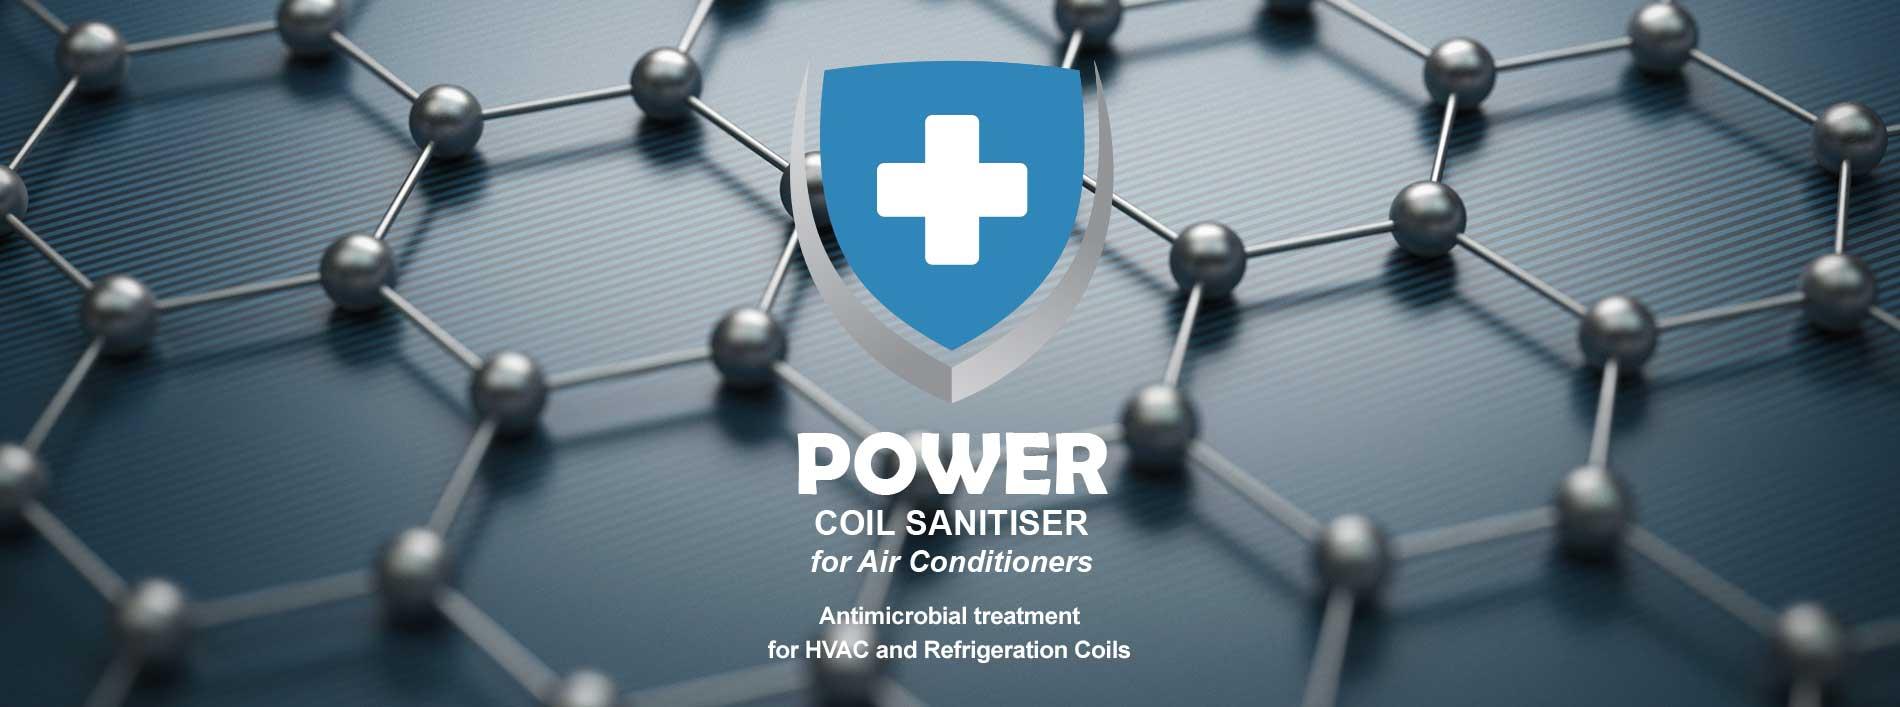 Power Technologies Power Coil Sanitiser